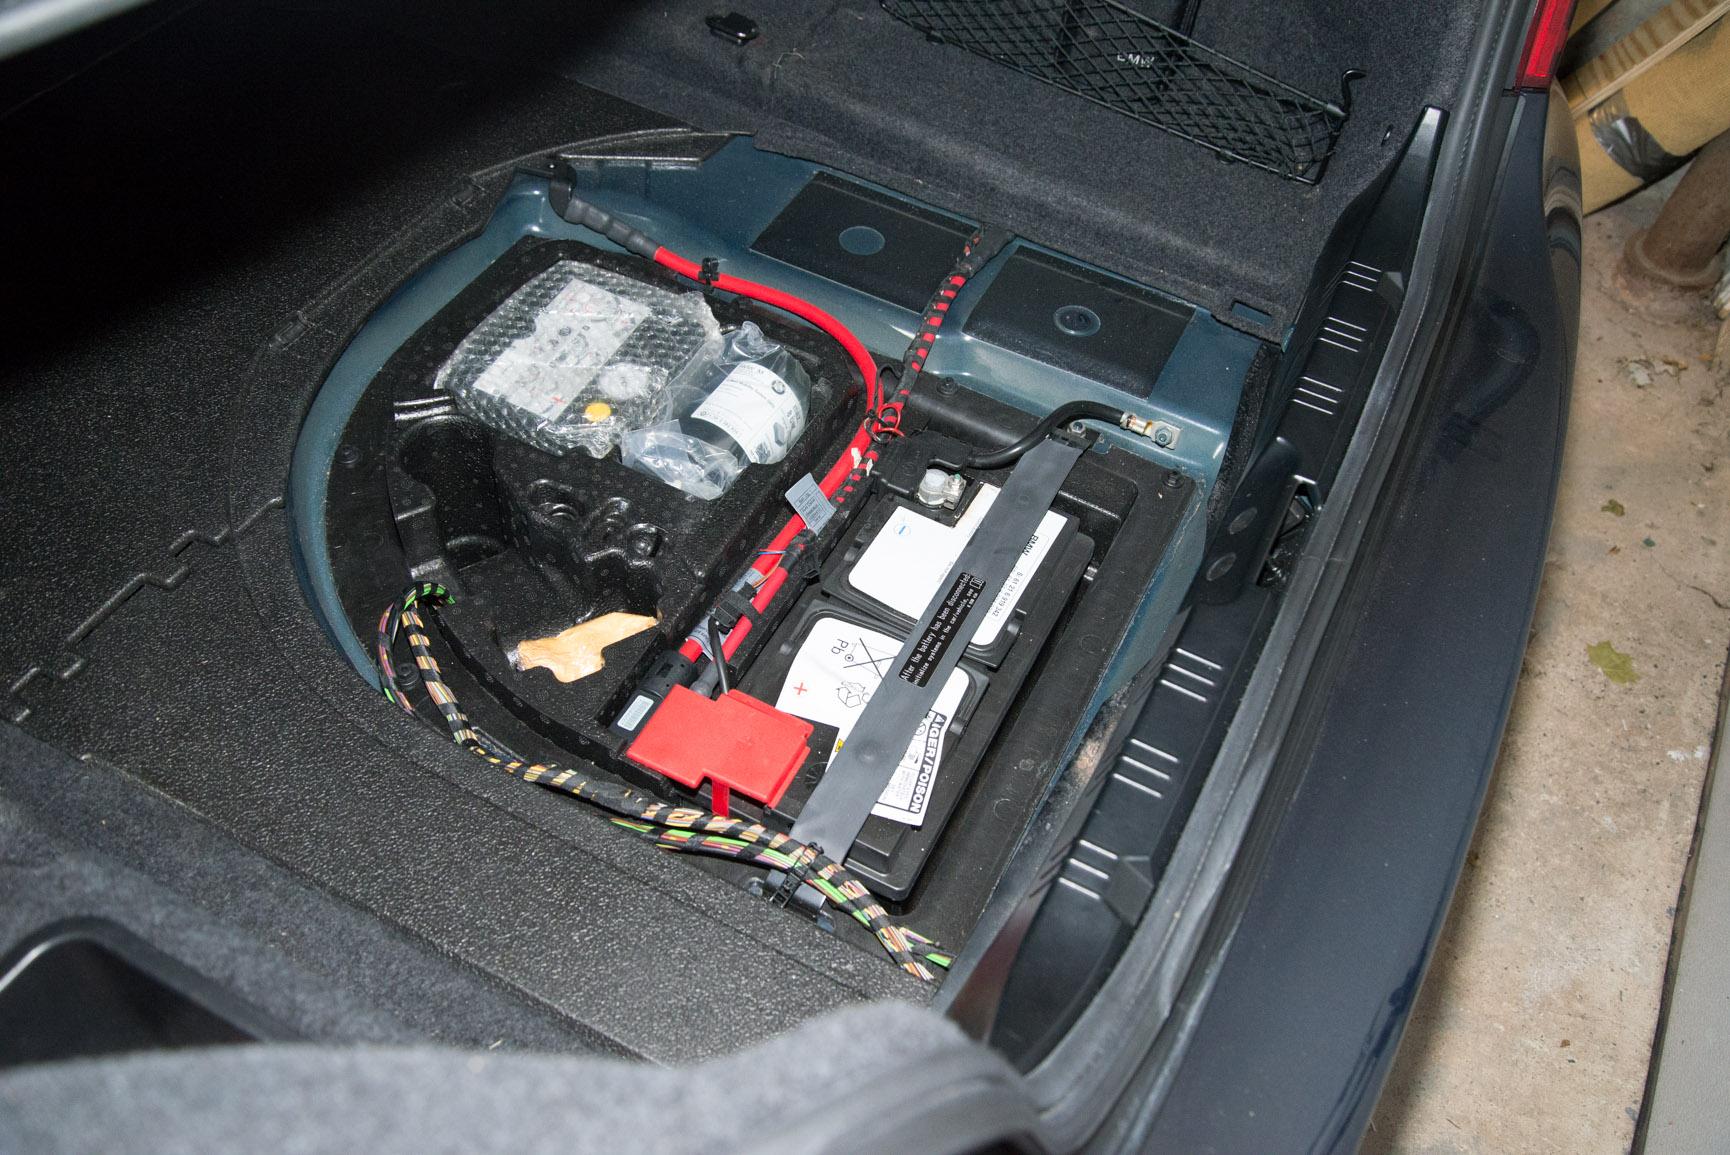 2008 E60 M5 Battery Replacement-dsc_7509.jpg